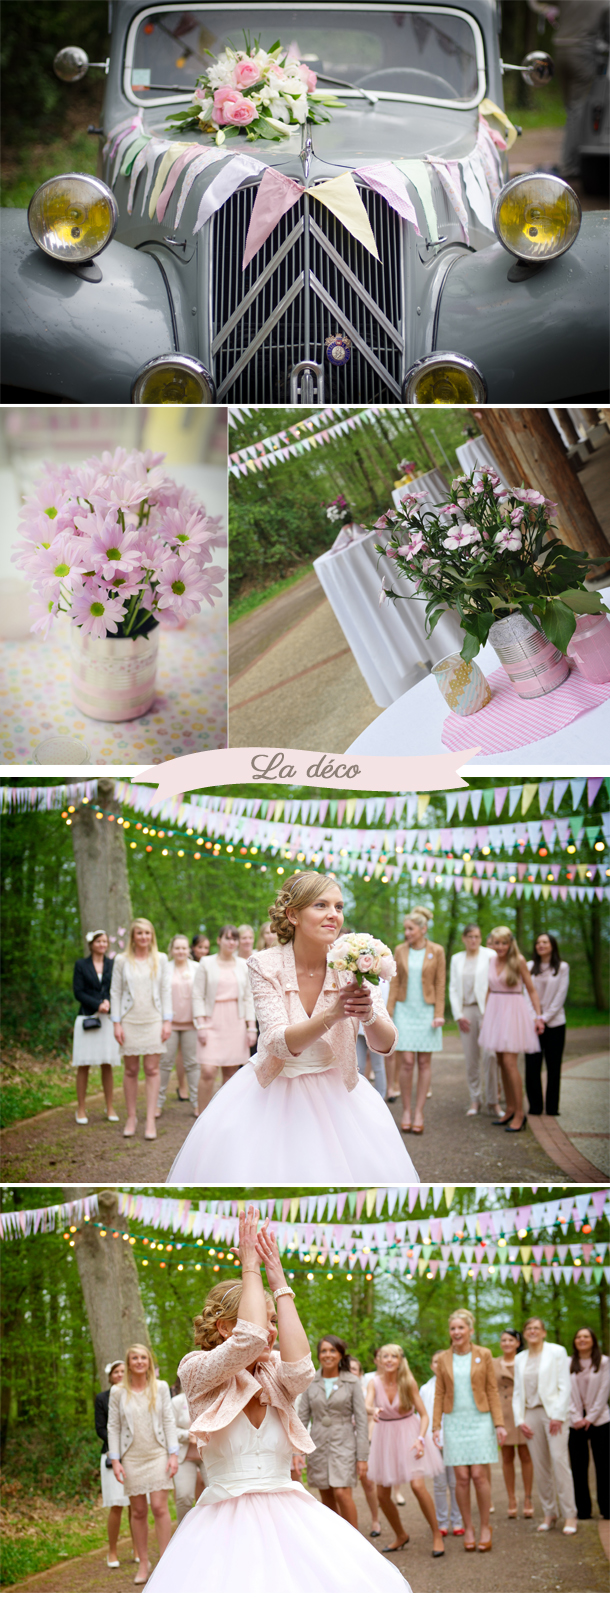 Déco mariage rétro fanions pastels